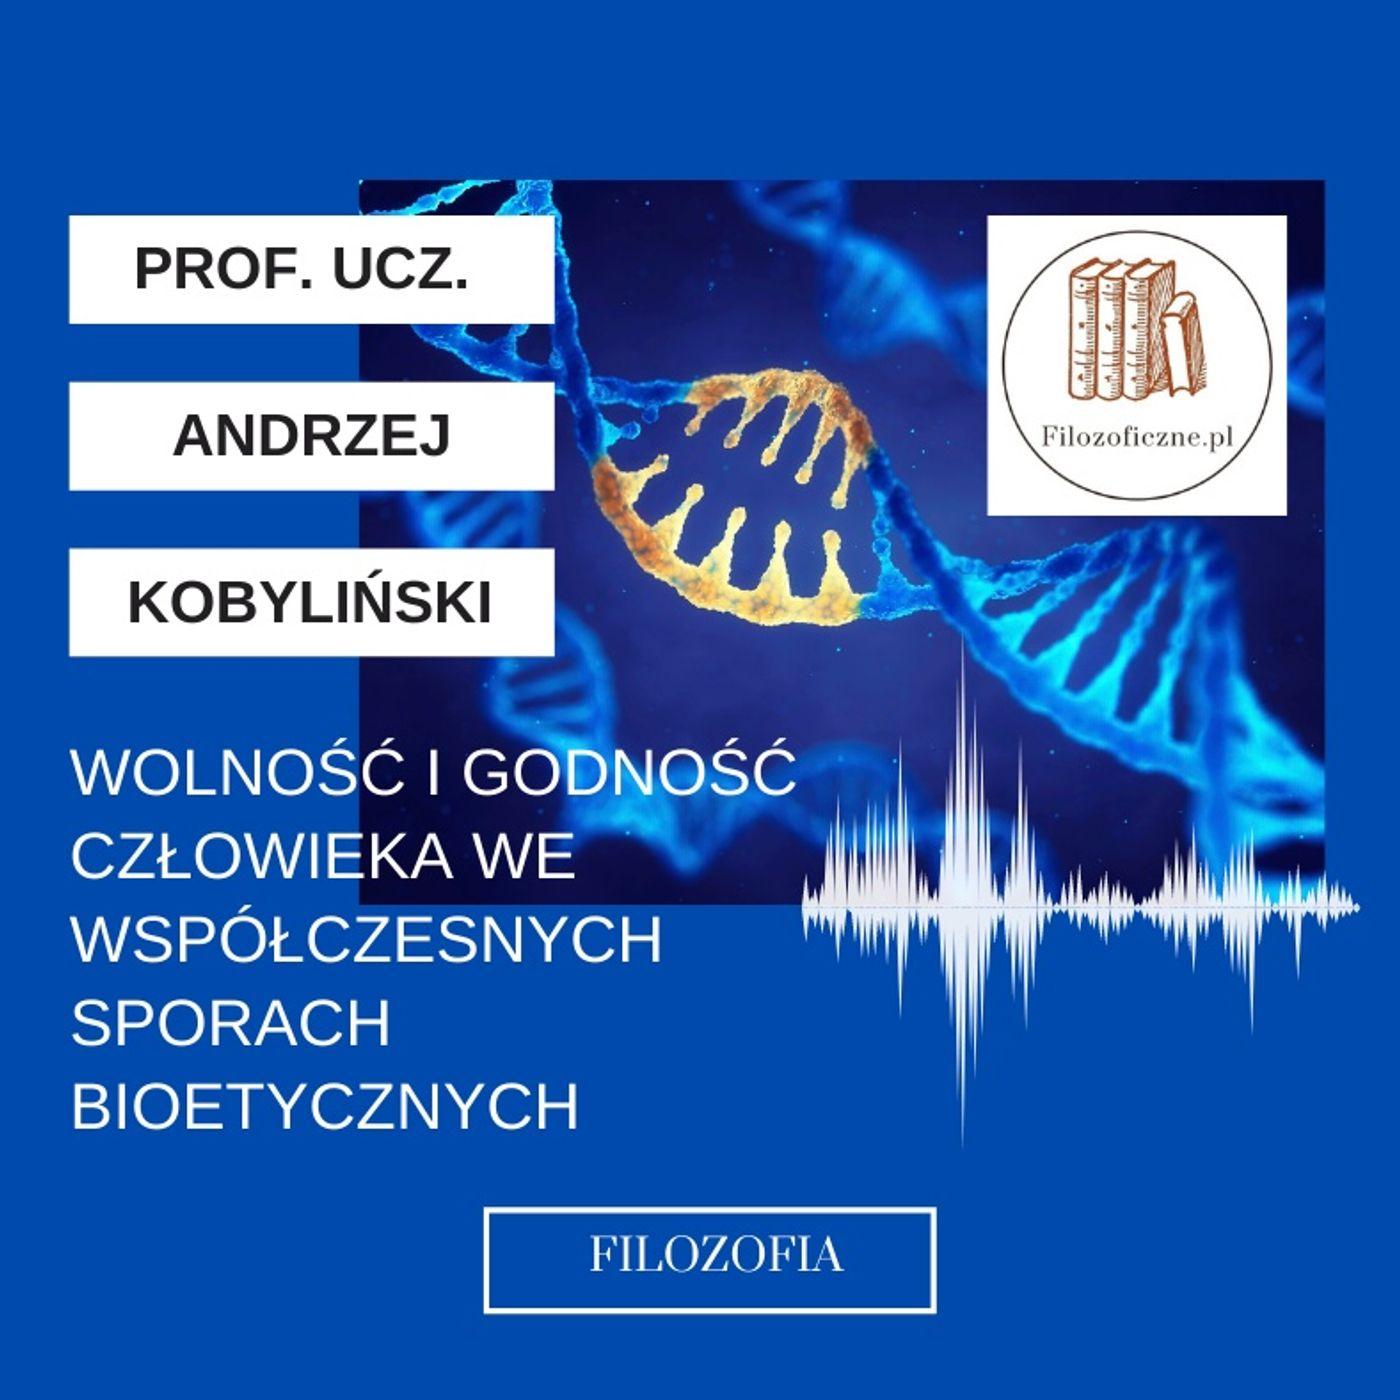 Wolność i godność człowieka w sporach bioetycznych. Wykład prof. ucz. Andrzeja Kobylińskiego (UKSW)